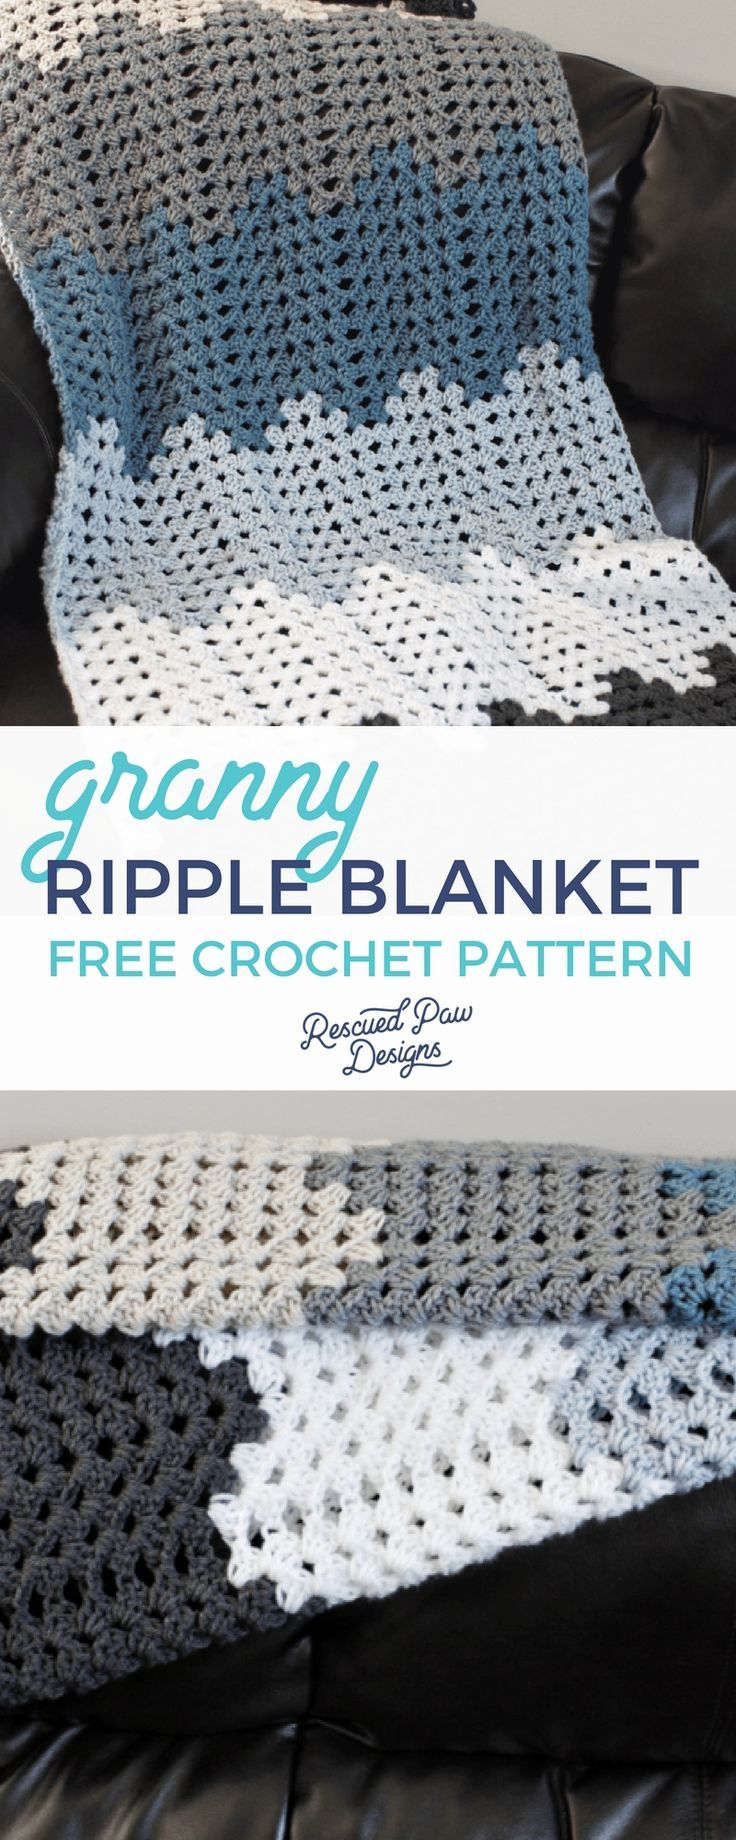 Crochet Blanket Pattern - Rescued Paw Designs Co.